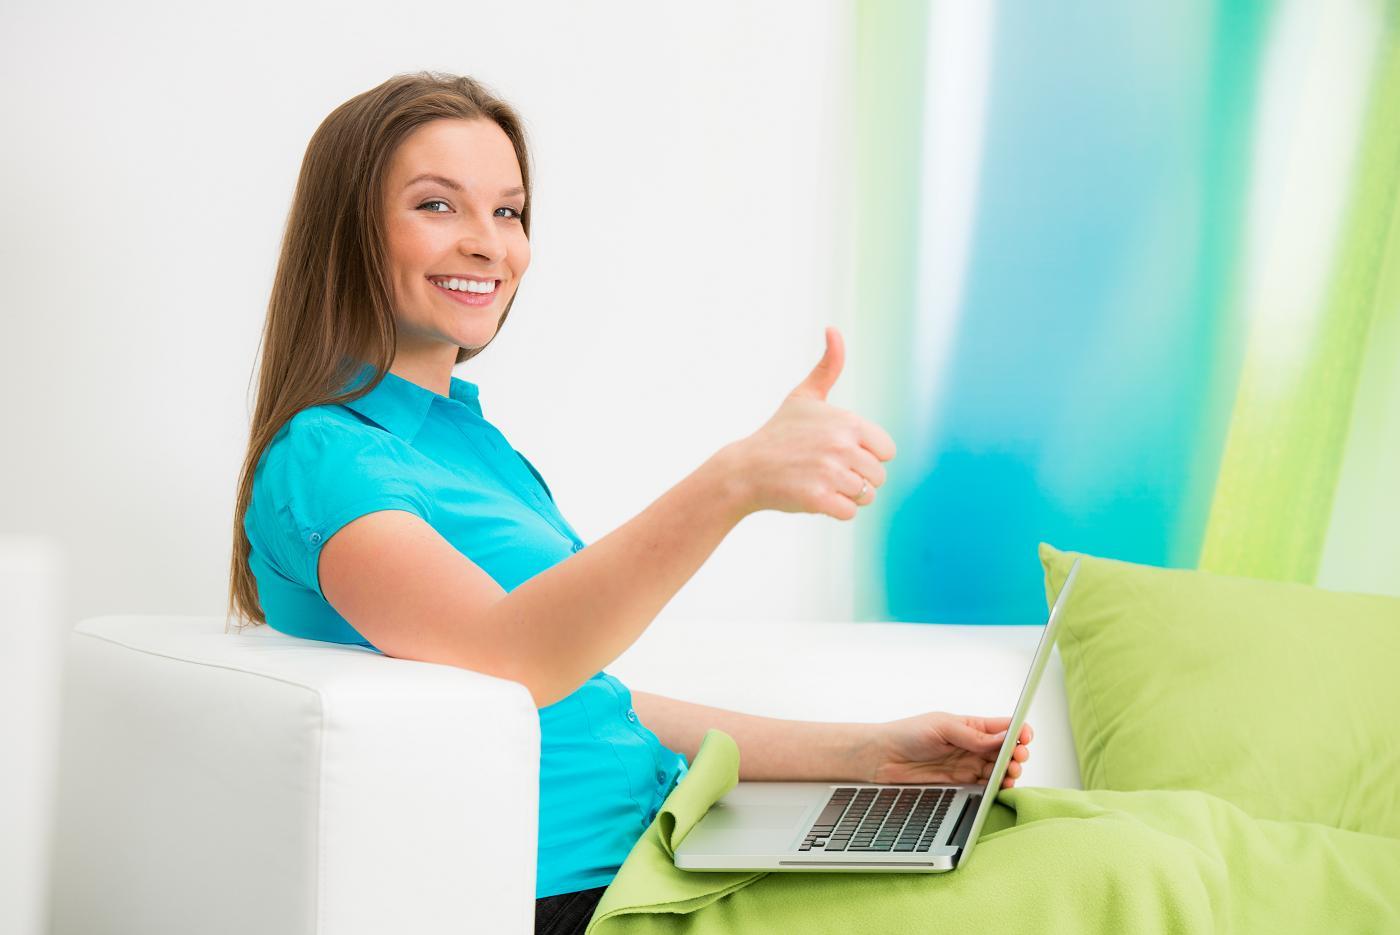 Người đi làm có thể tận dụng được nhiều lợi ích từ các trang web học tiếng Anh